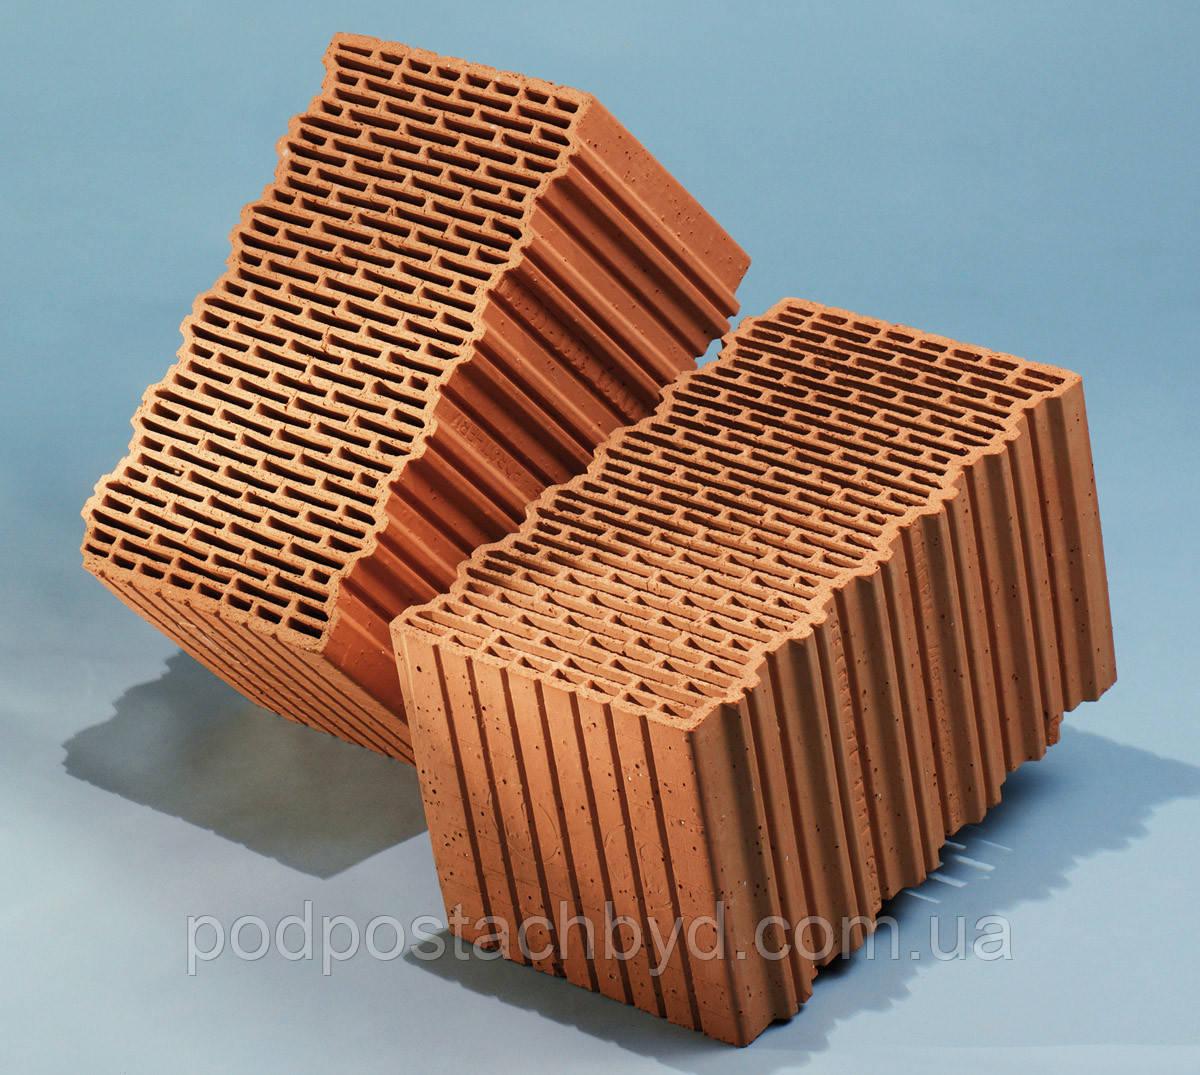 Керамічні блоки Porotherm 44 EKO+